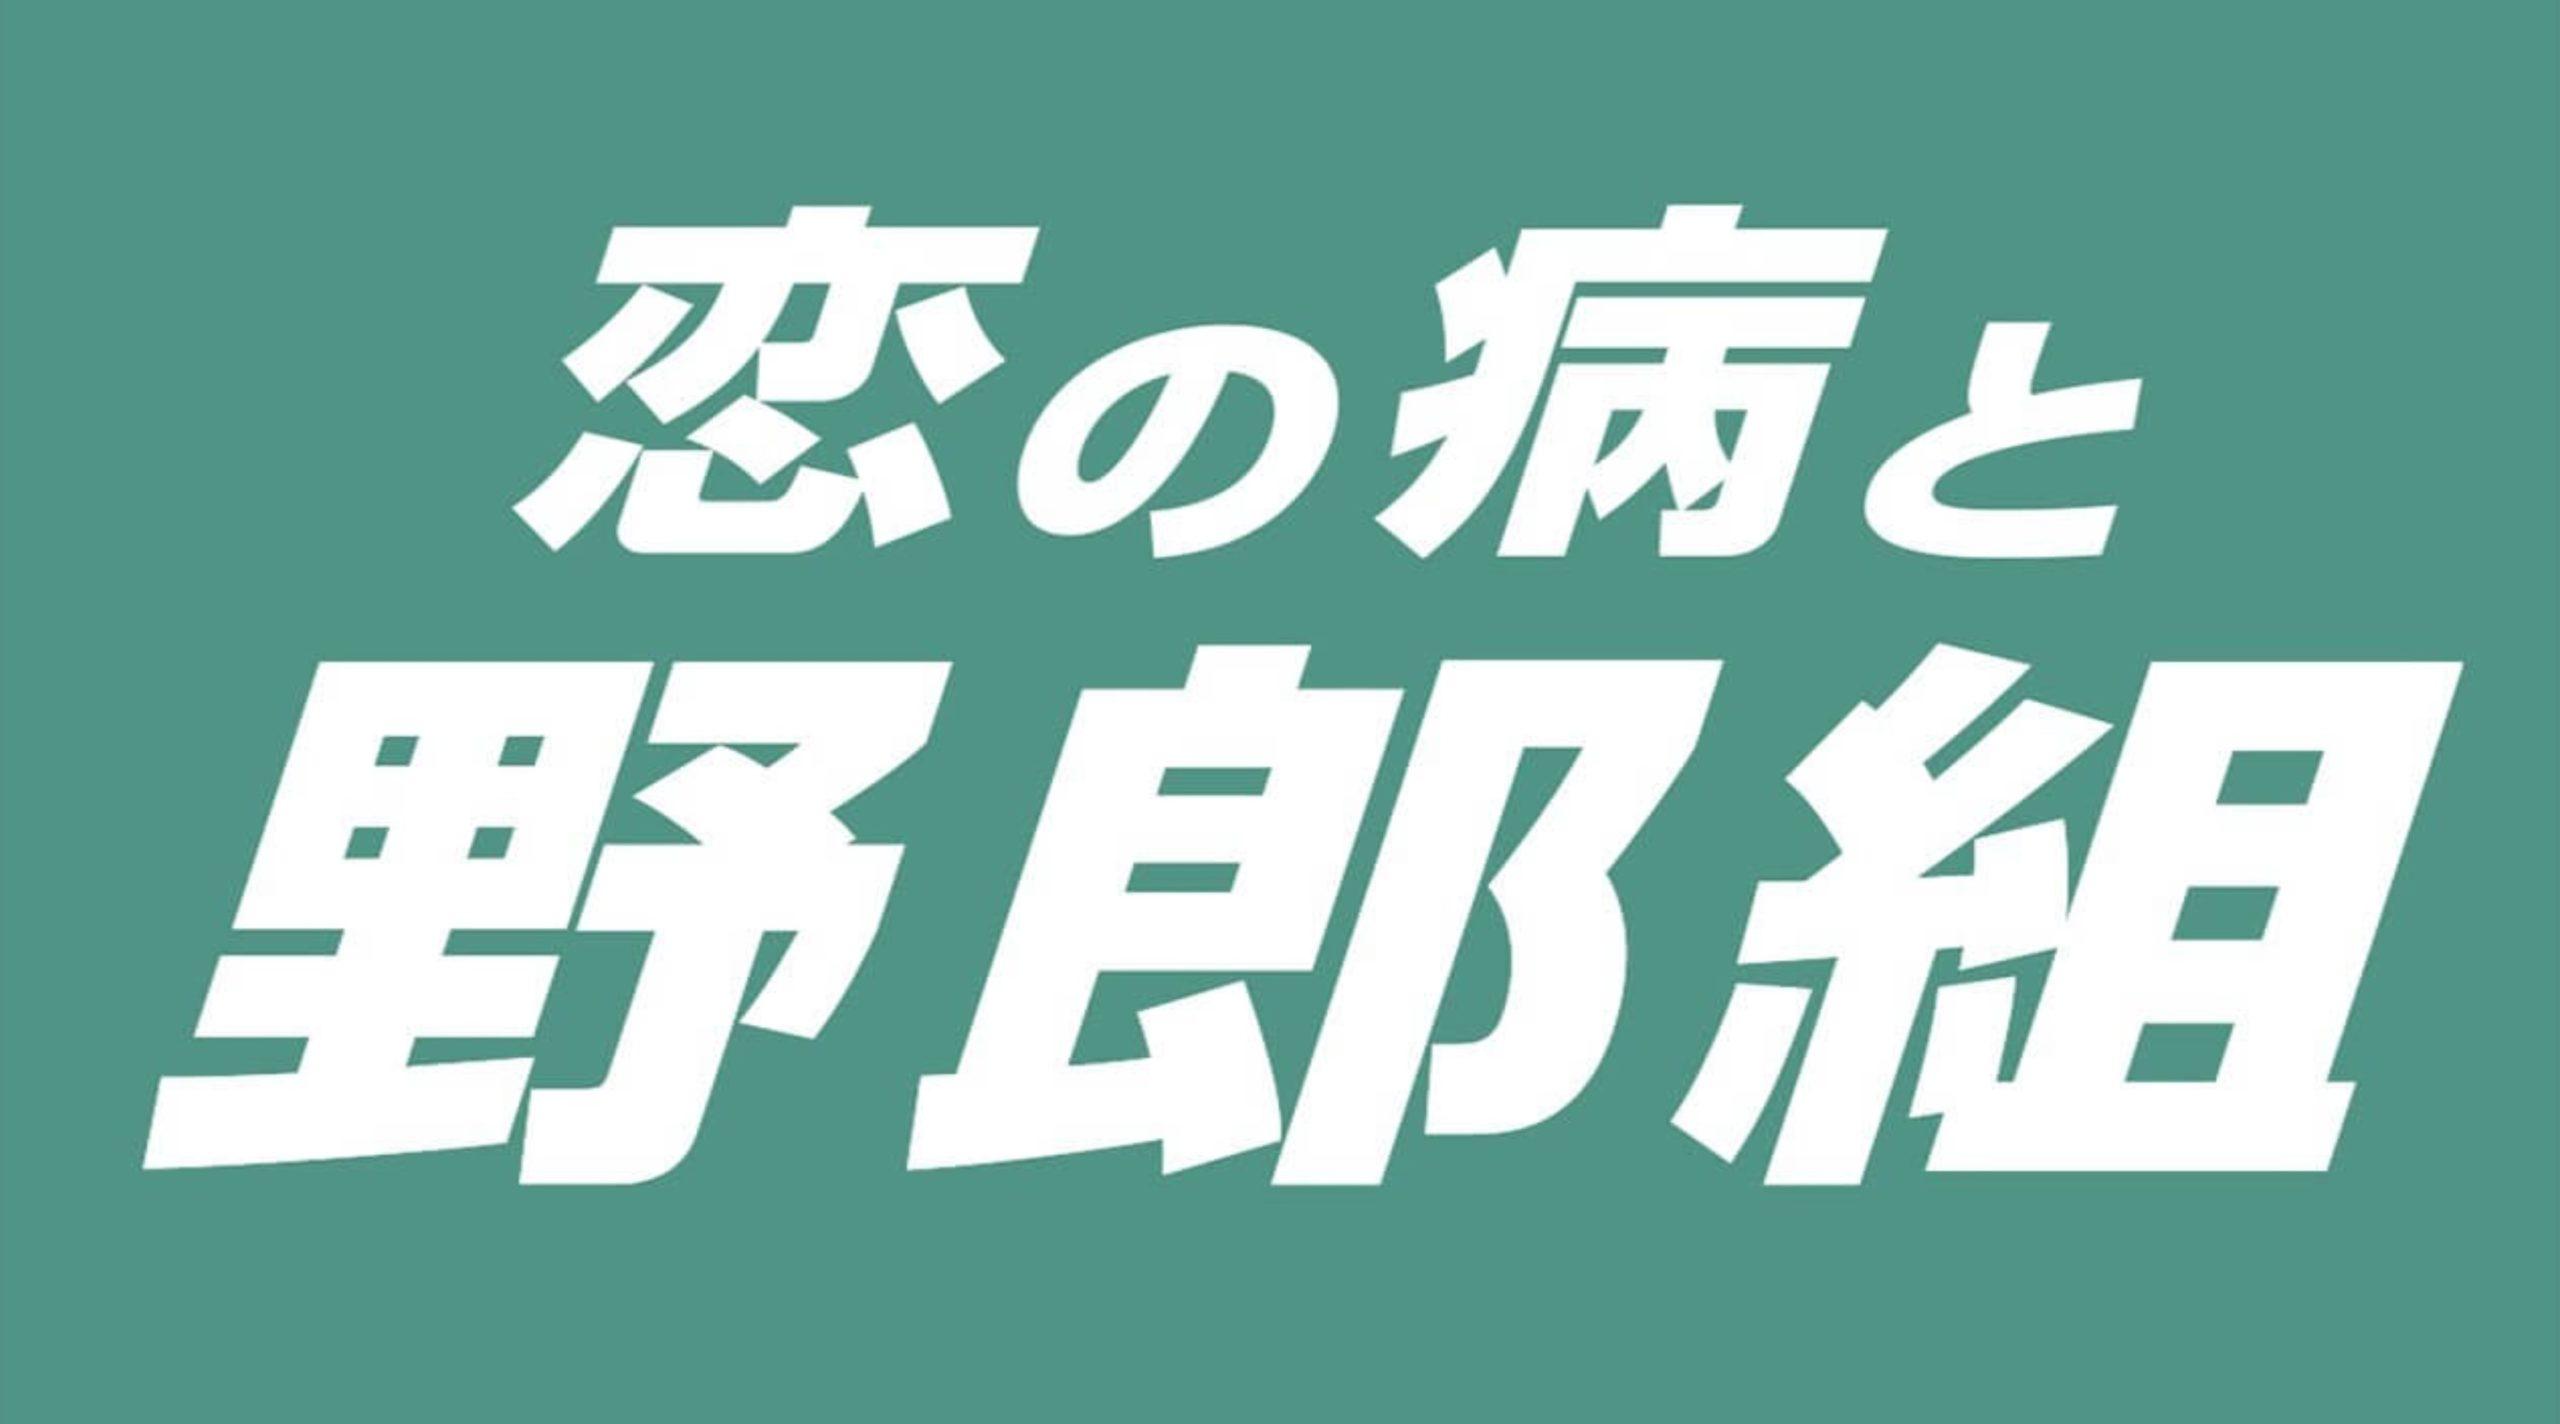 恋の病と野郎組新春スペシャルの放送地域・放送局!関西は?見れない地域や見逃し配信の視聴方法